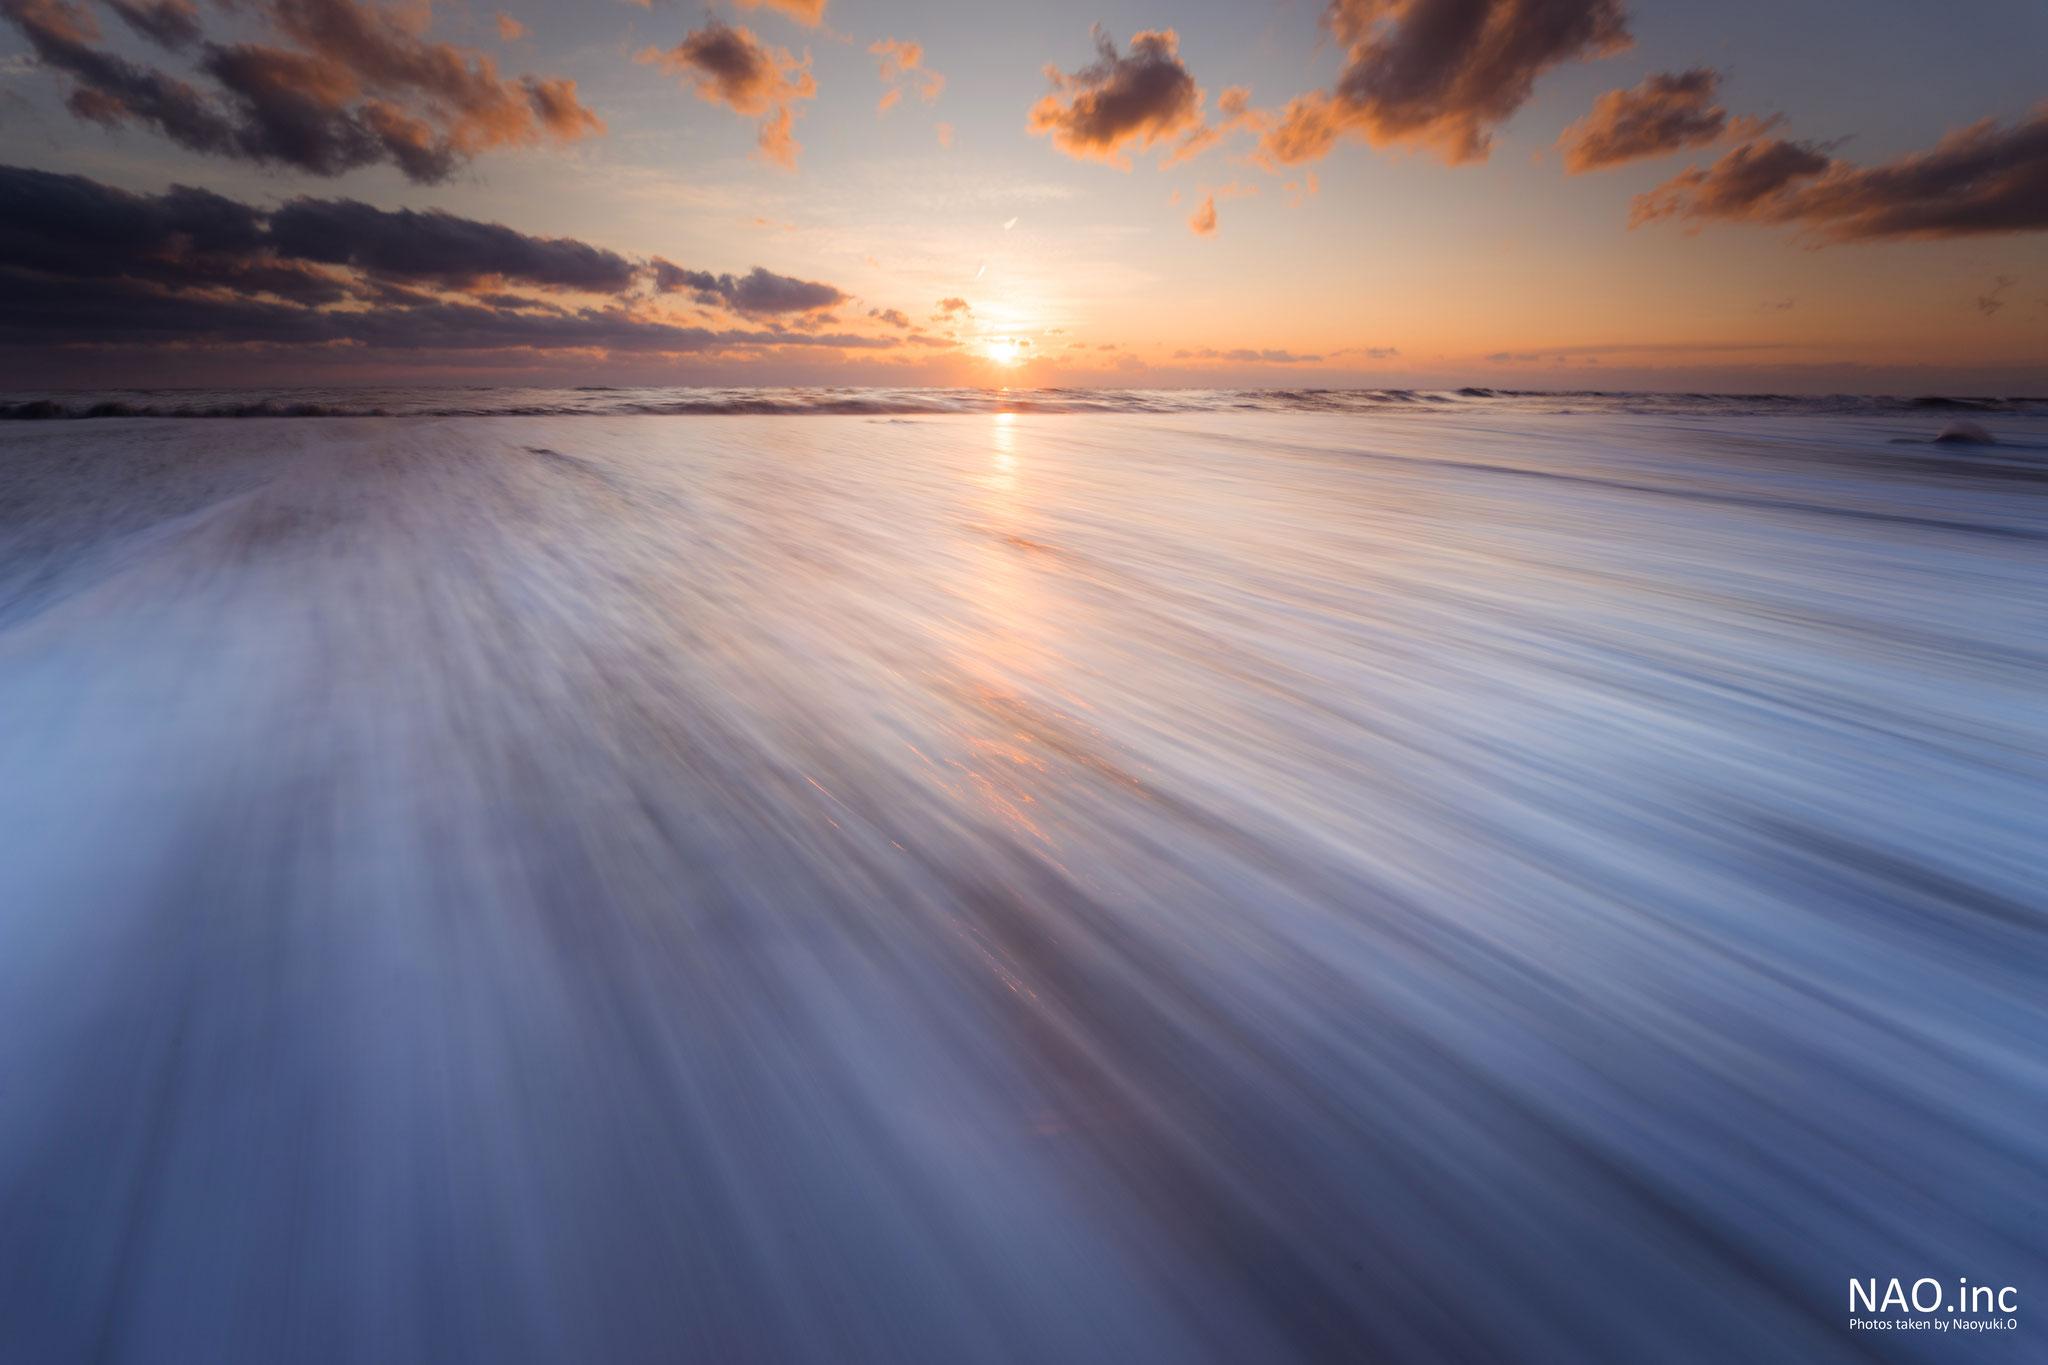 むかわ町の海岸。浜辺に押し寄せる波が夕日に色づく。